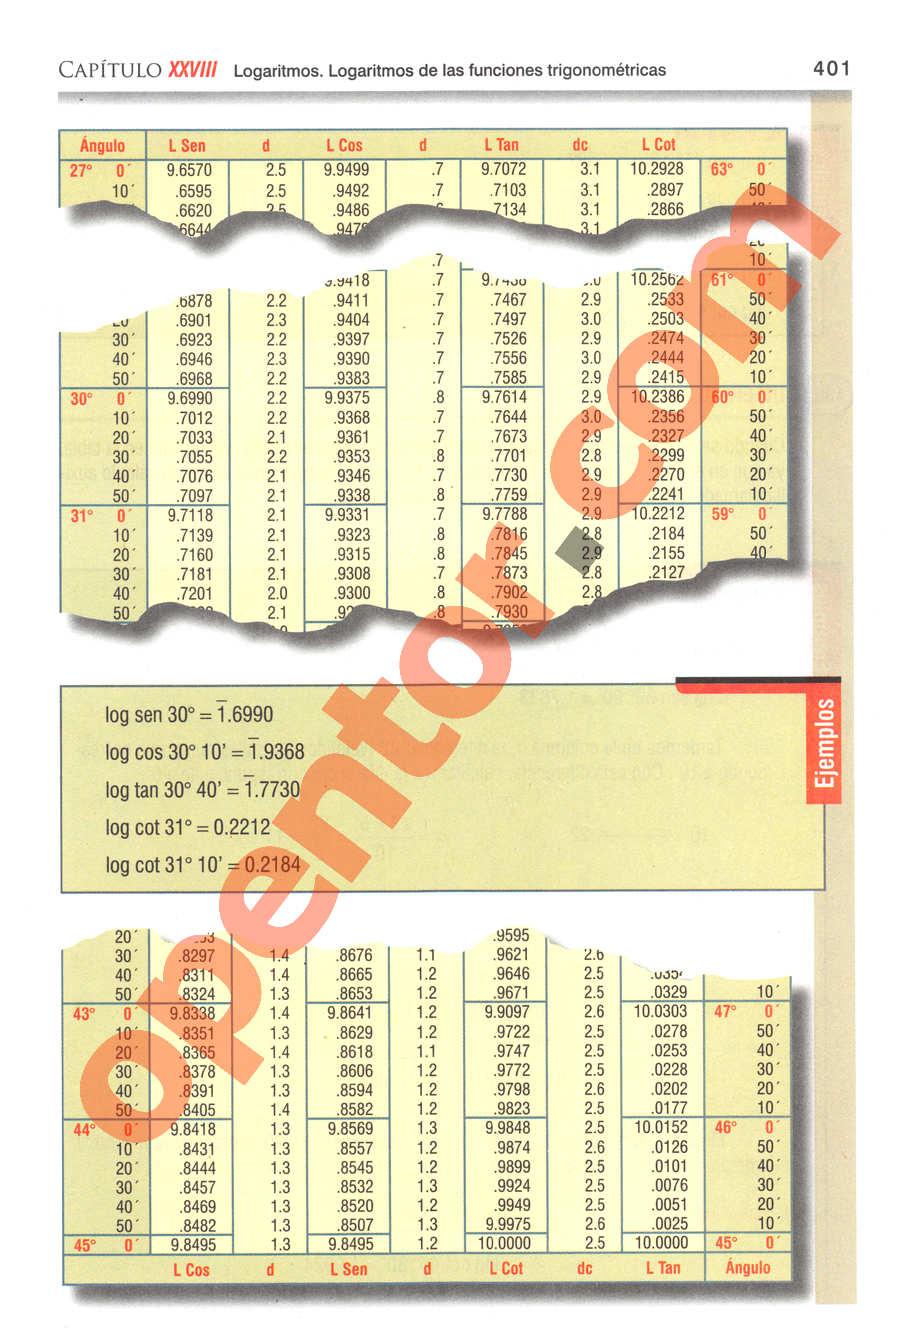 Geometría y Trigonometría de Baldor - Página 401